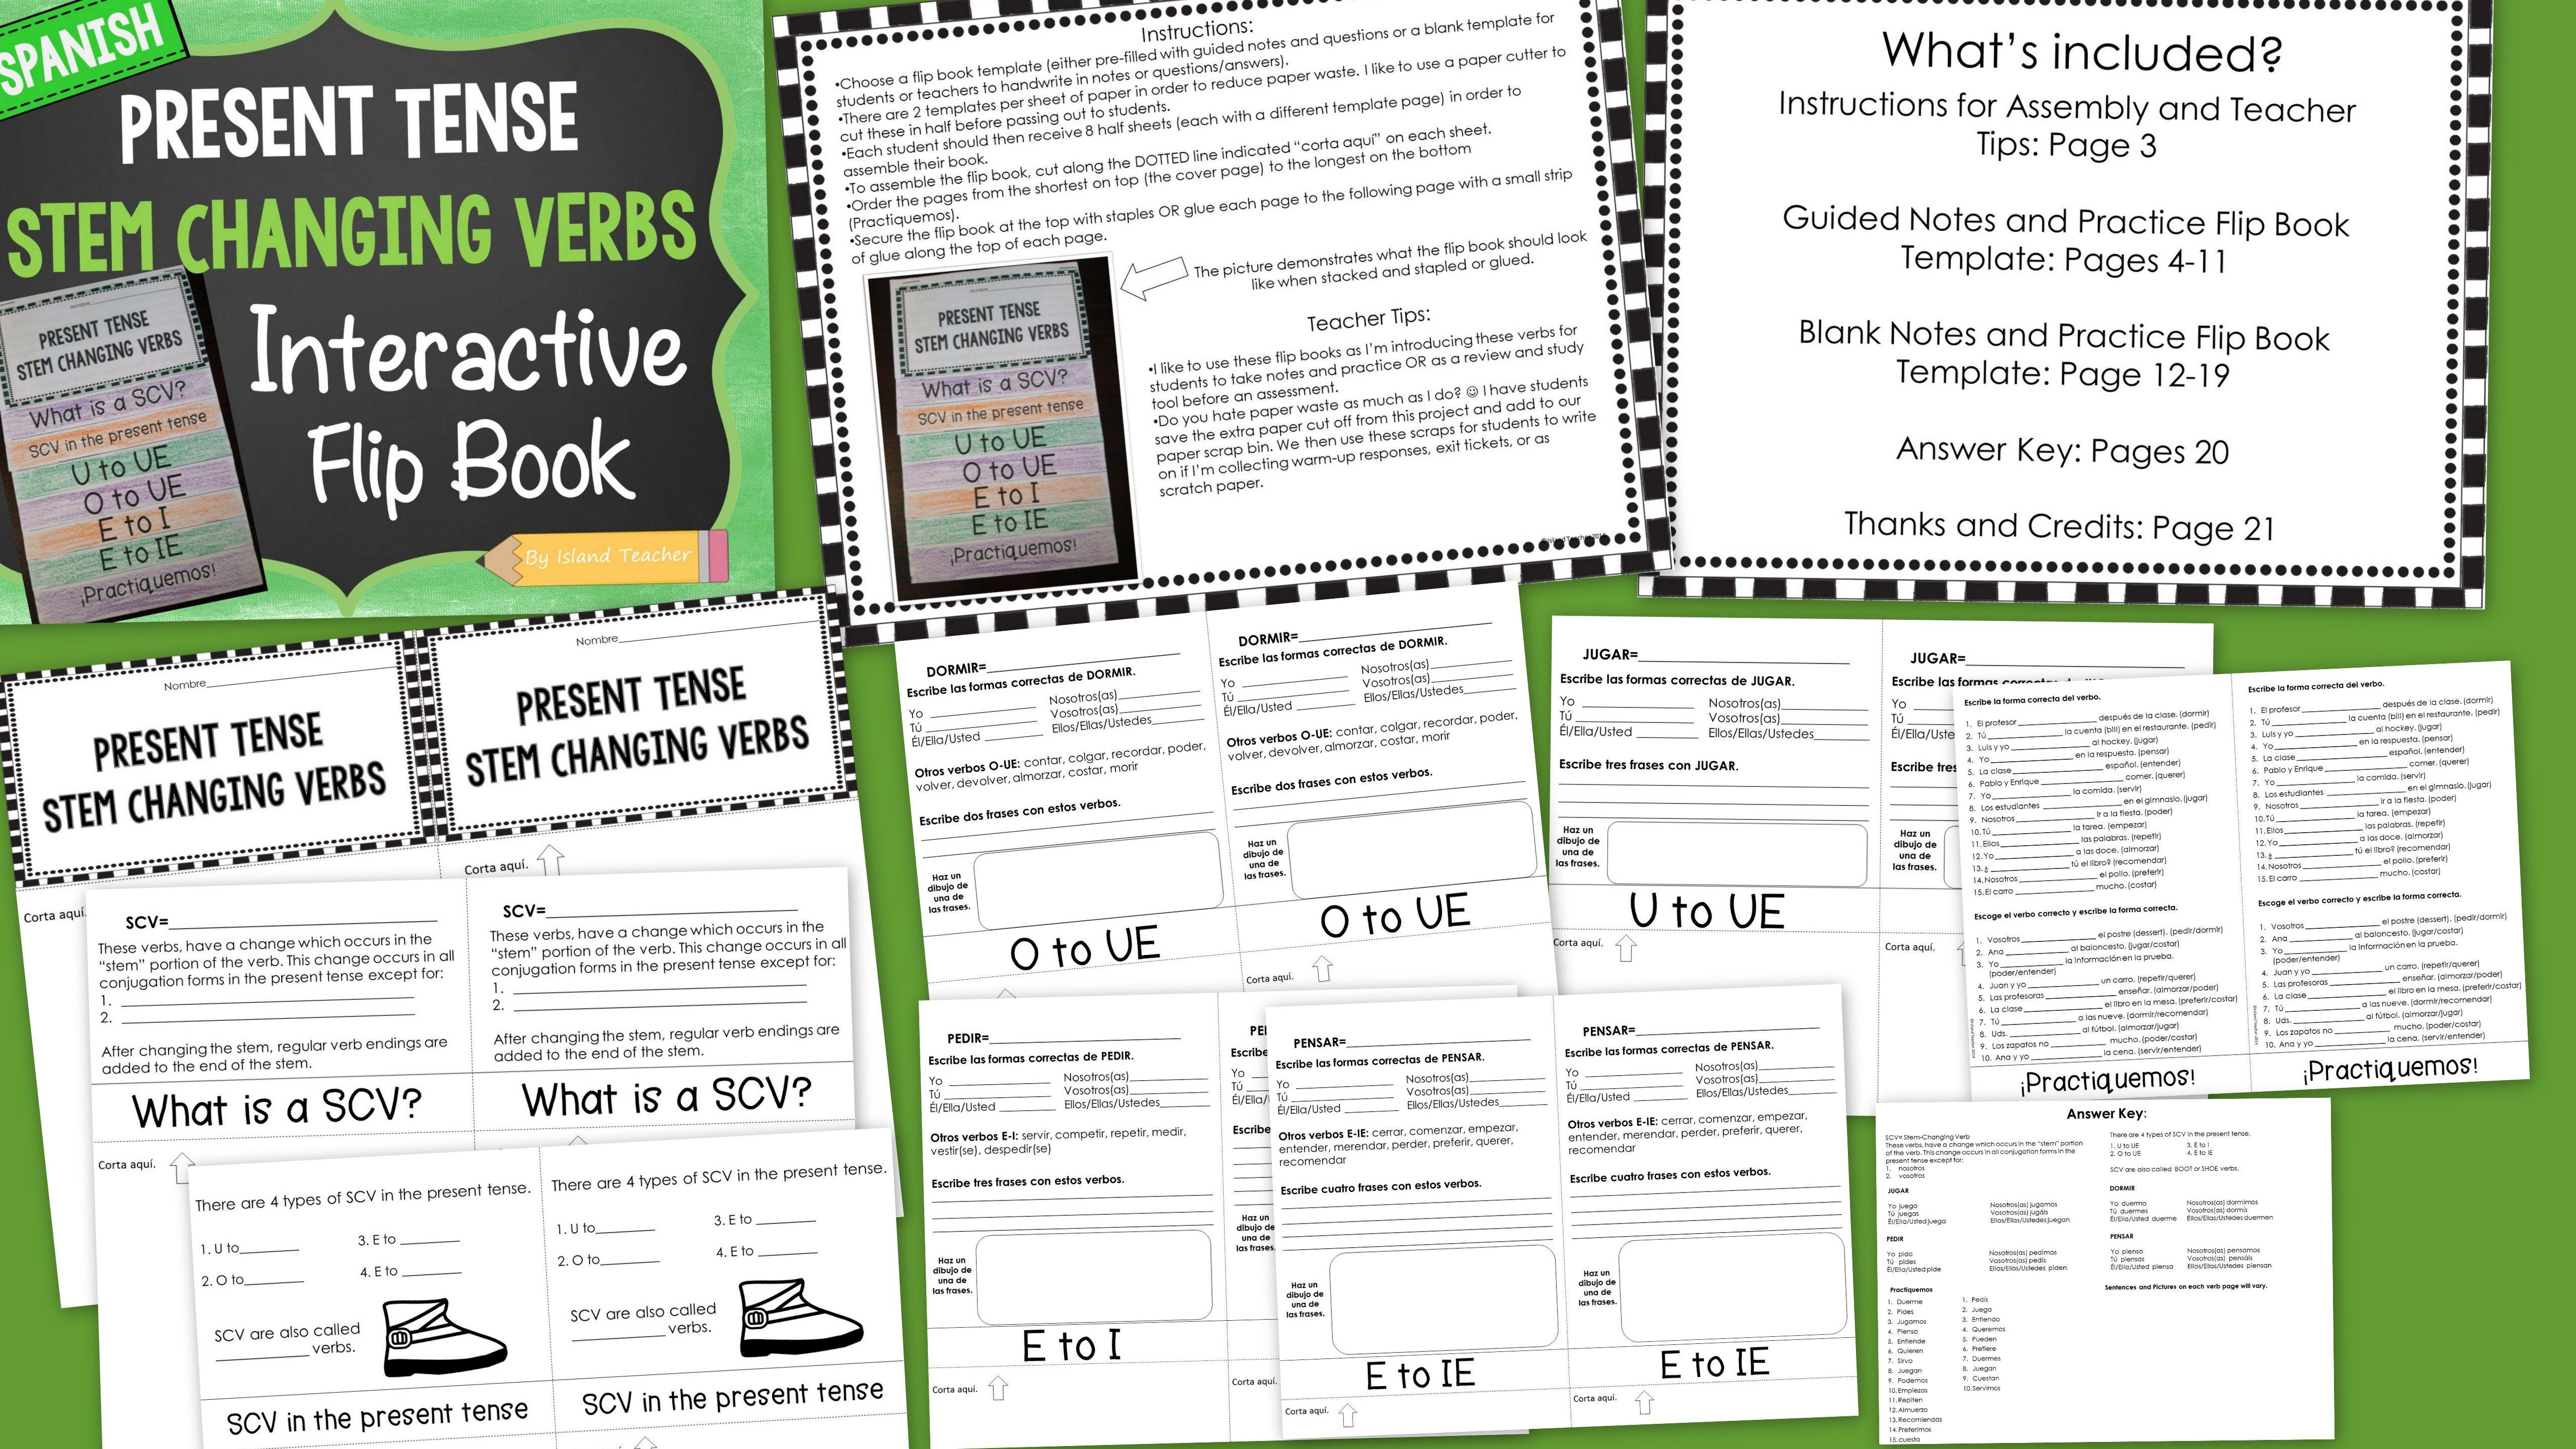 Stem Changing Verbs Spanish Interactive Flip Book By Island Teacher Teachers Pay Teachers Flip Book Flip Book Template Interactive [ 2880 x 5120 Pixel ]